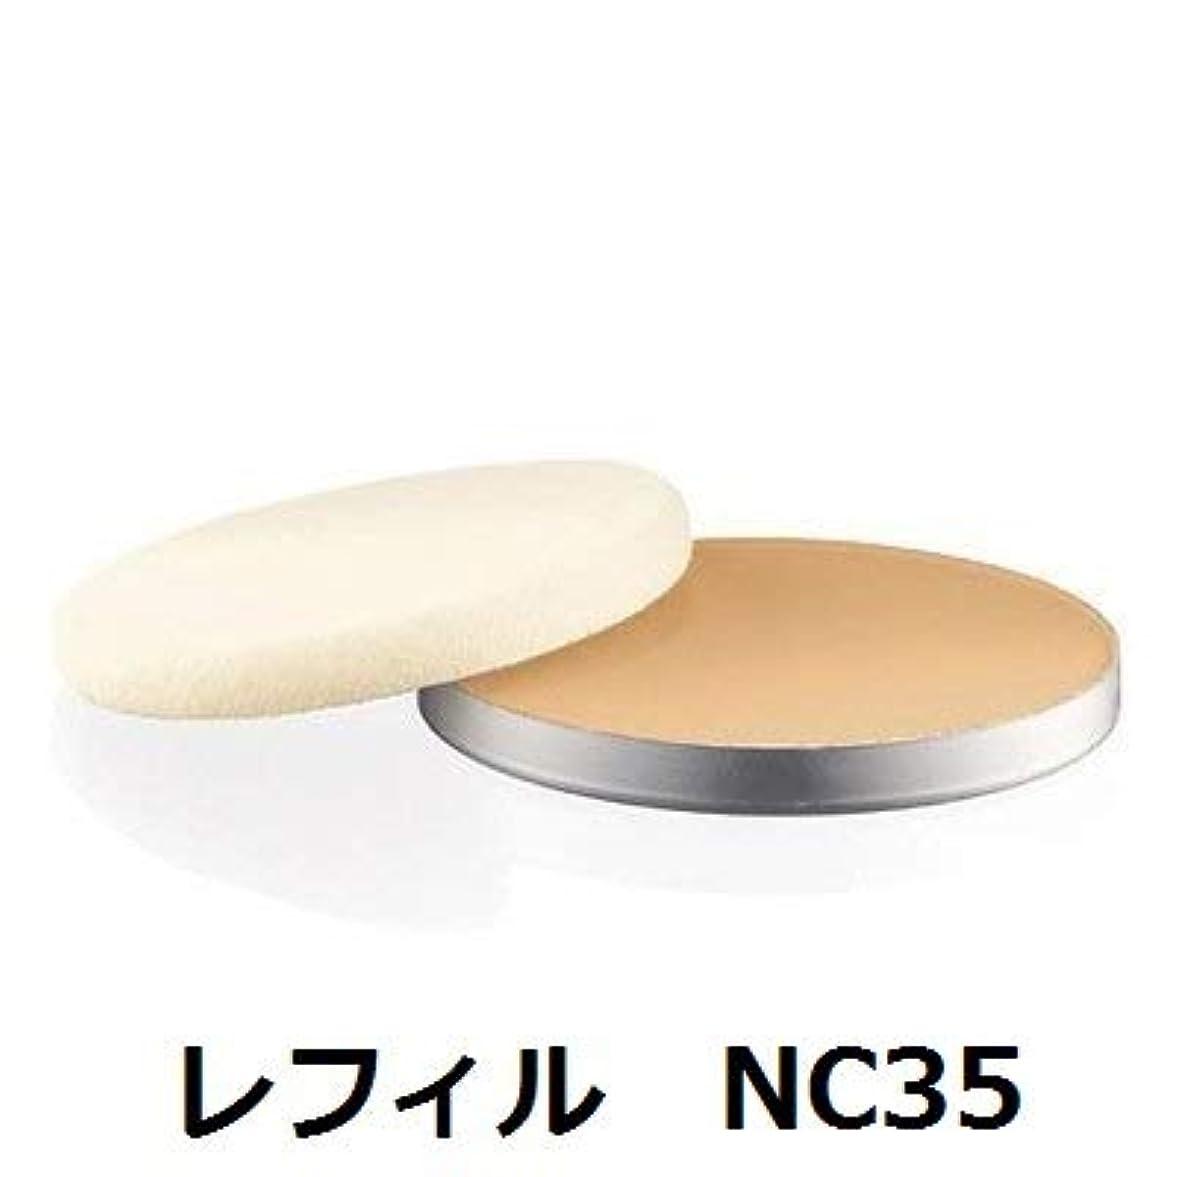 宇宙の迷彩起訴するマック(MAC) ライトフルC+SPF 30ファンデーション レフィル #NC35 14g [並行輸入品]